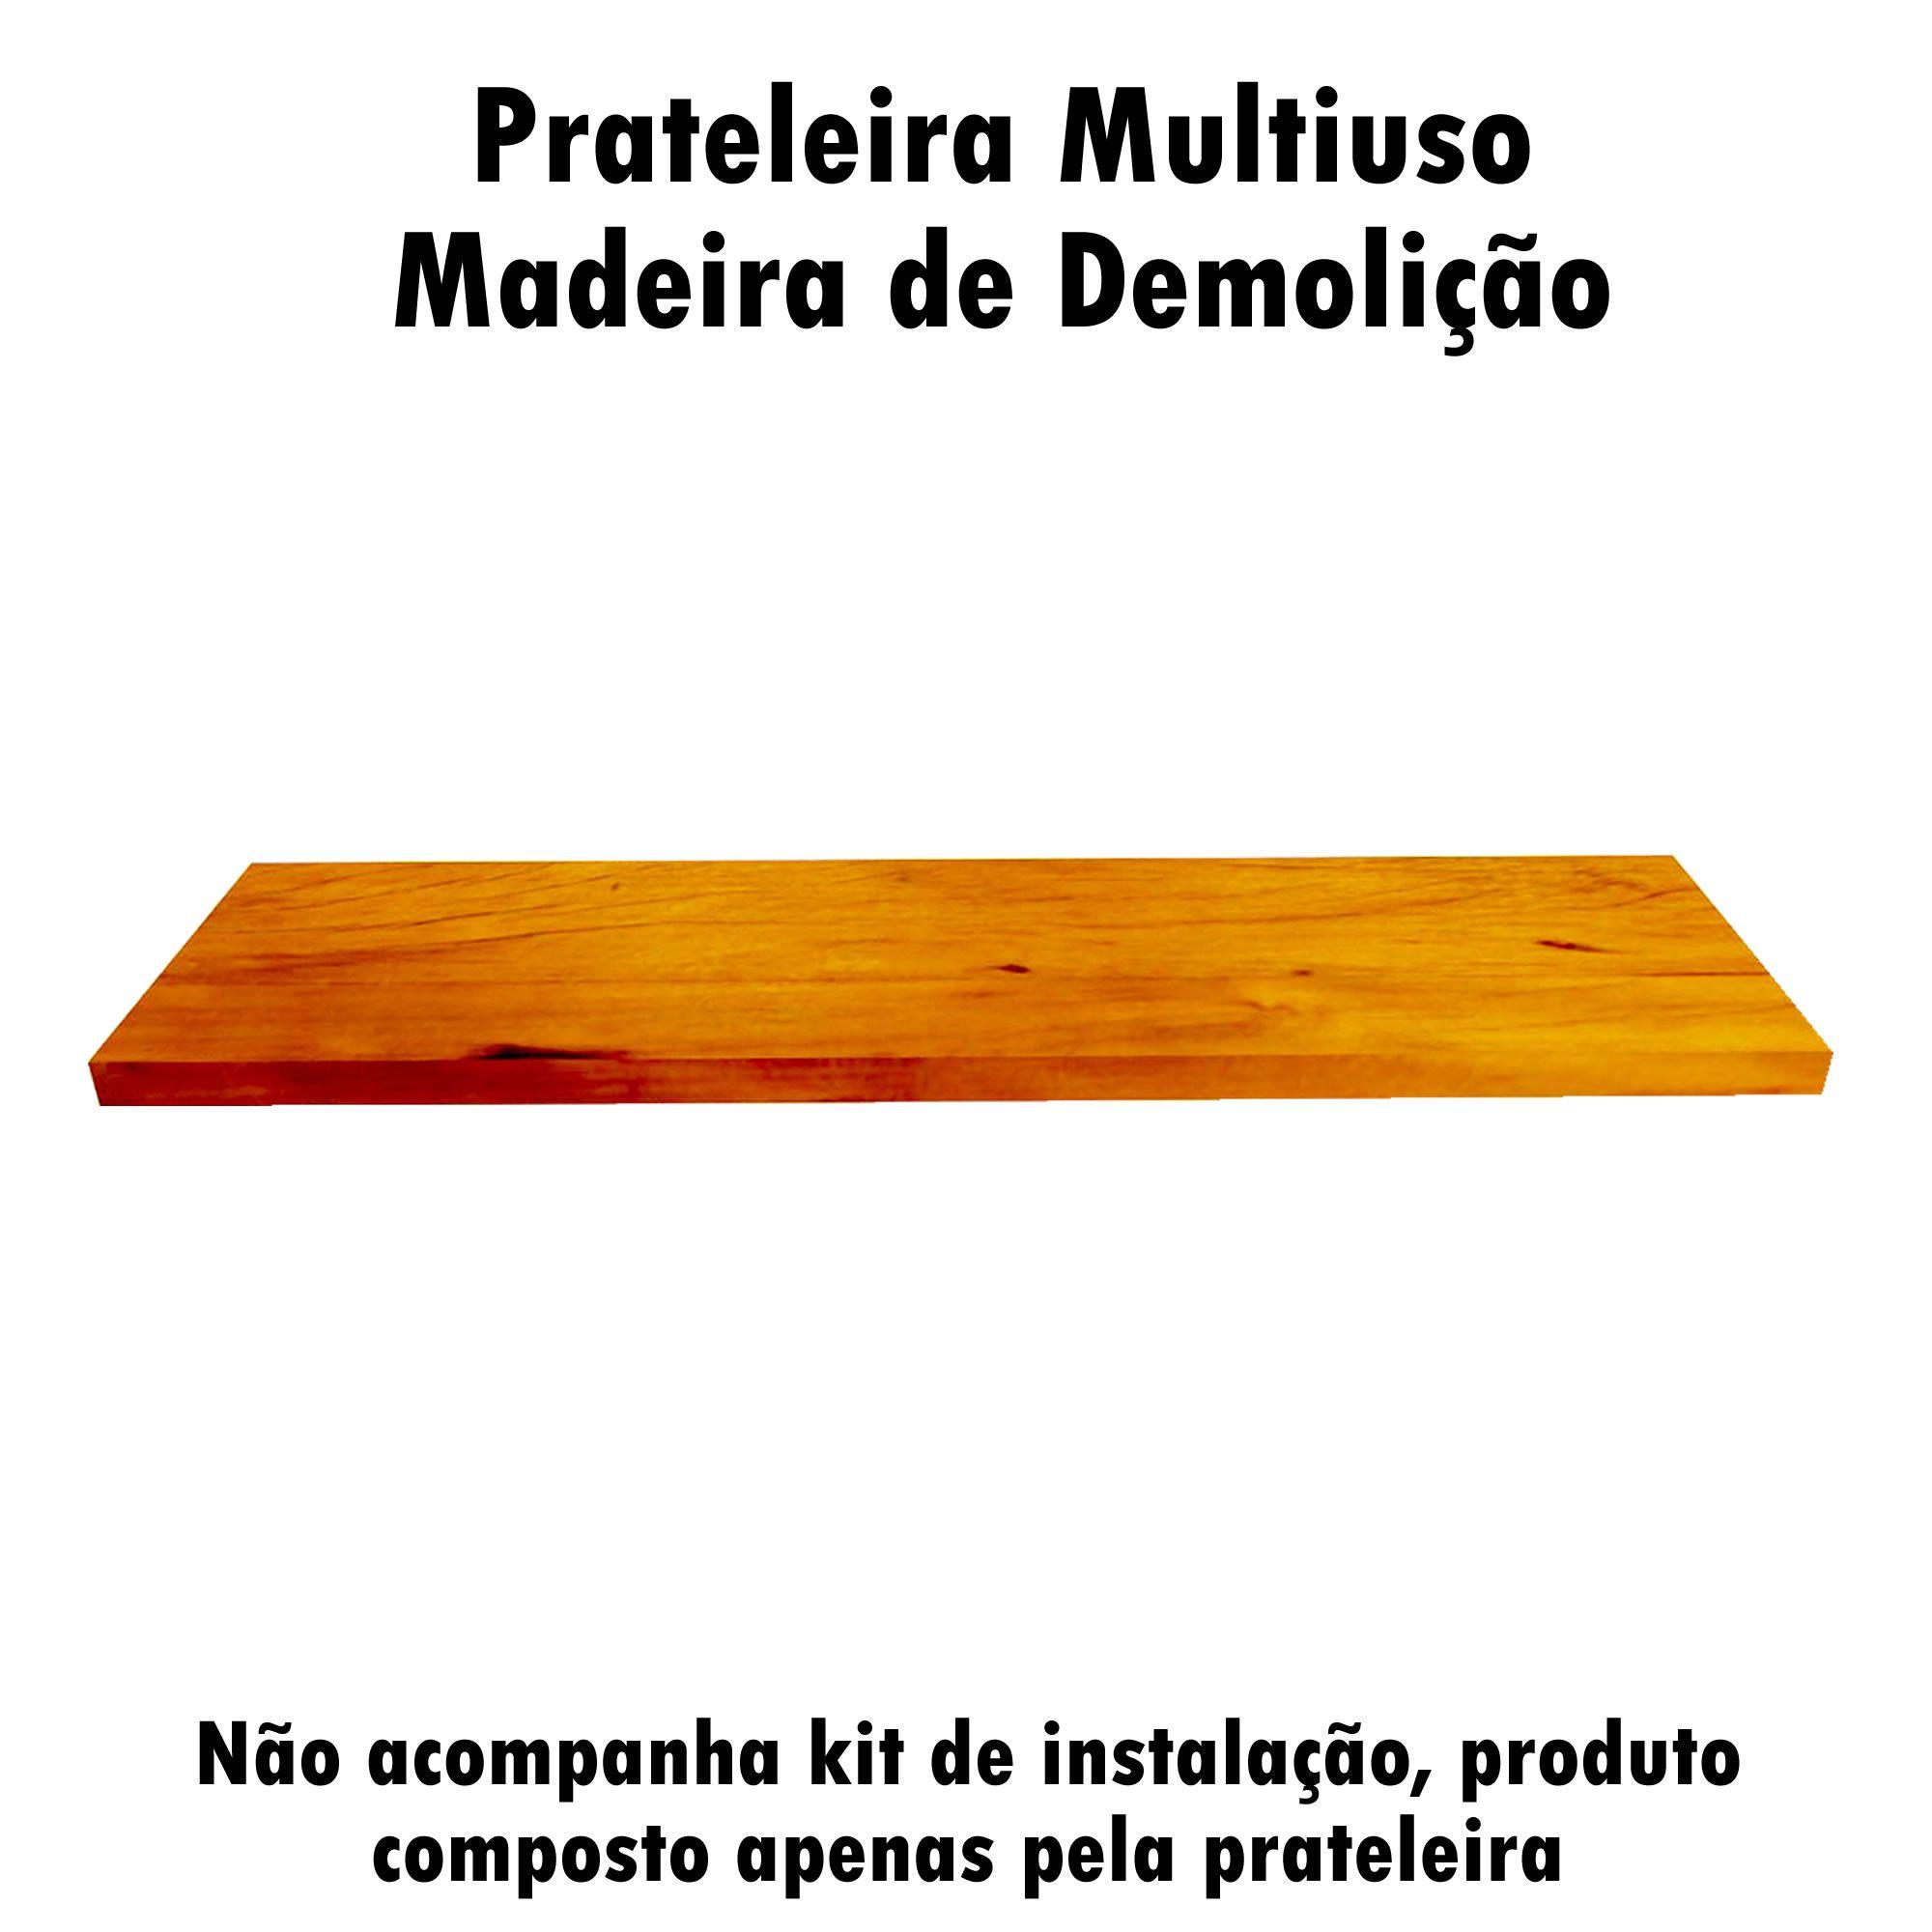 Kit 3 Prateleira Multiuso em Madeira De Demolição medindo 90x19x2